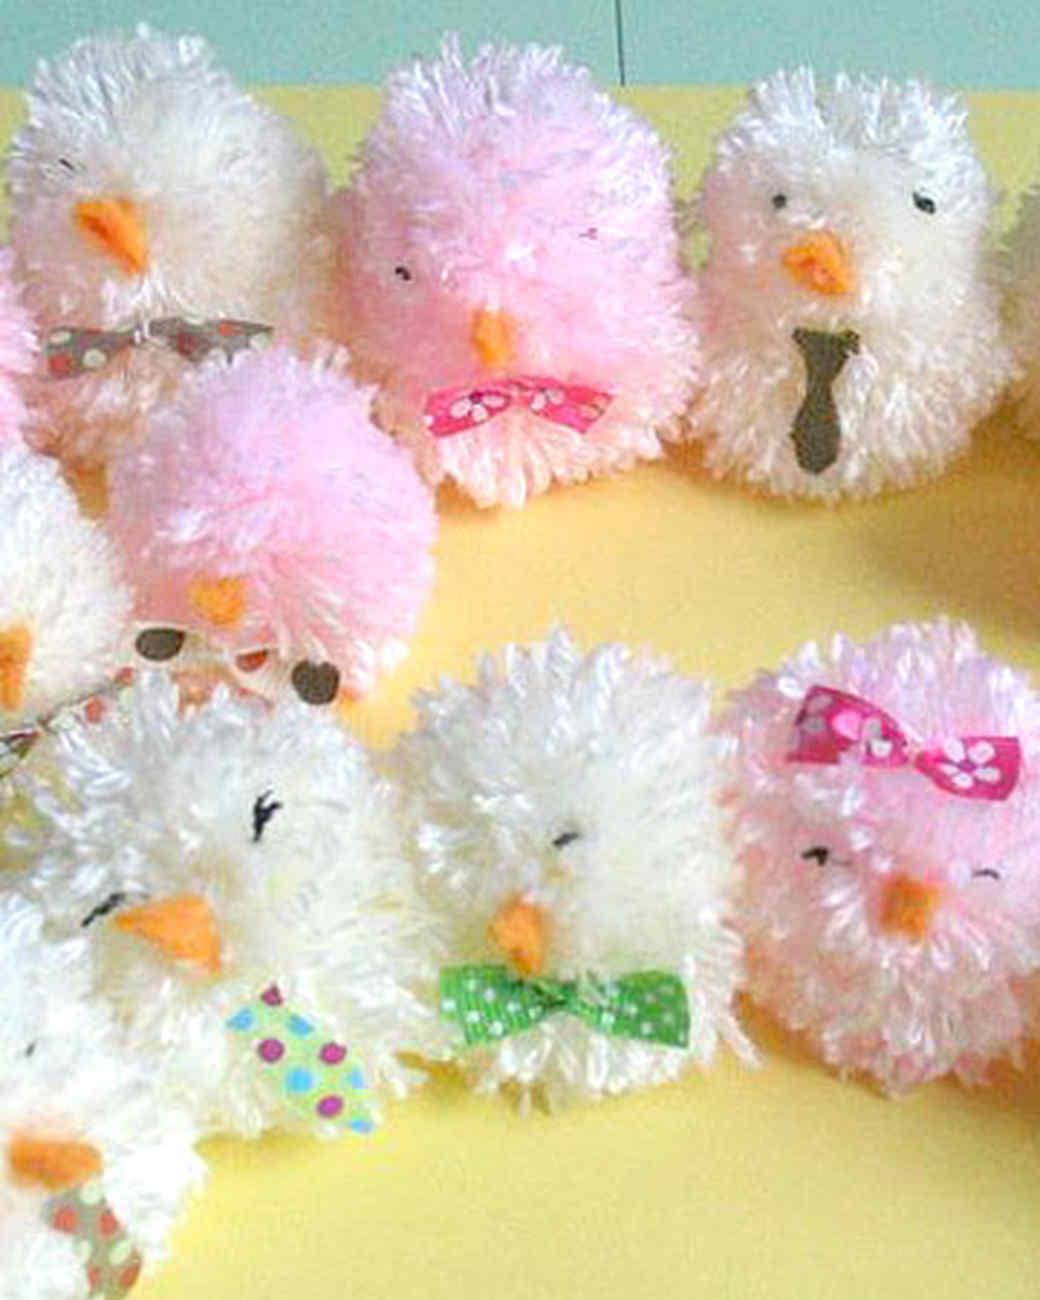 ew_march08_chicks1.jpg